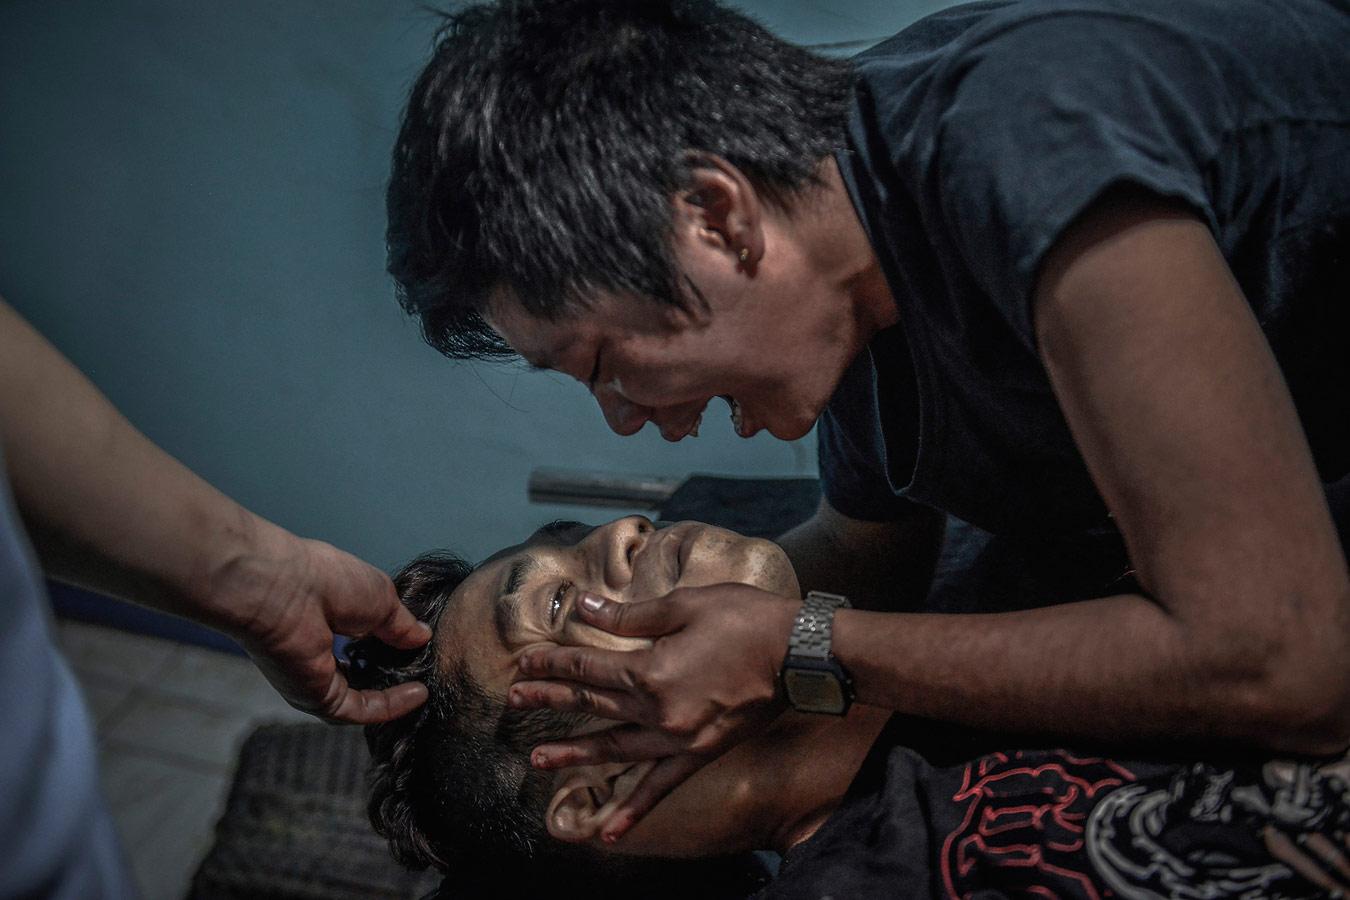 Война Дутерте на наркотиках / Филиппины, © Эзра Акаян, Филиппины, Молодой фотограф года, Фотоконкурс «Стамбул – 2019» — Istanbul